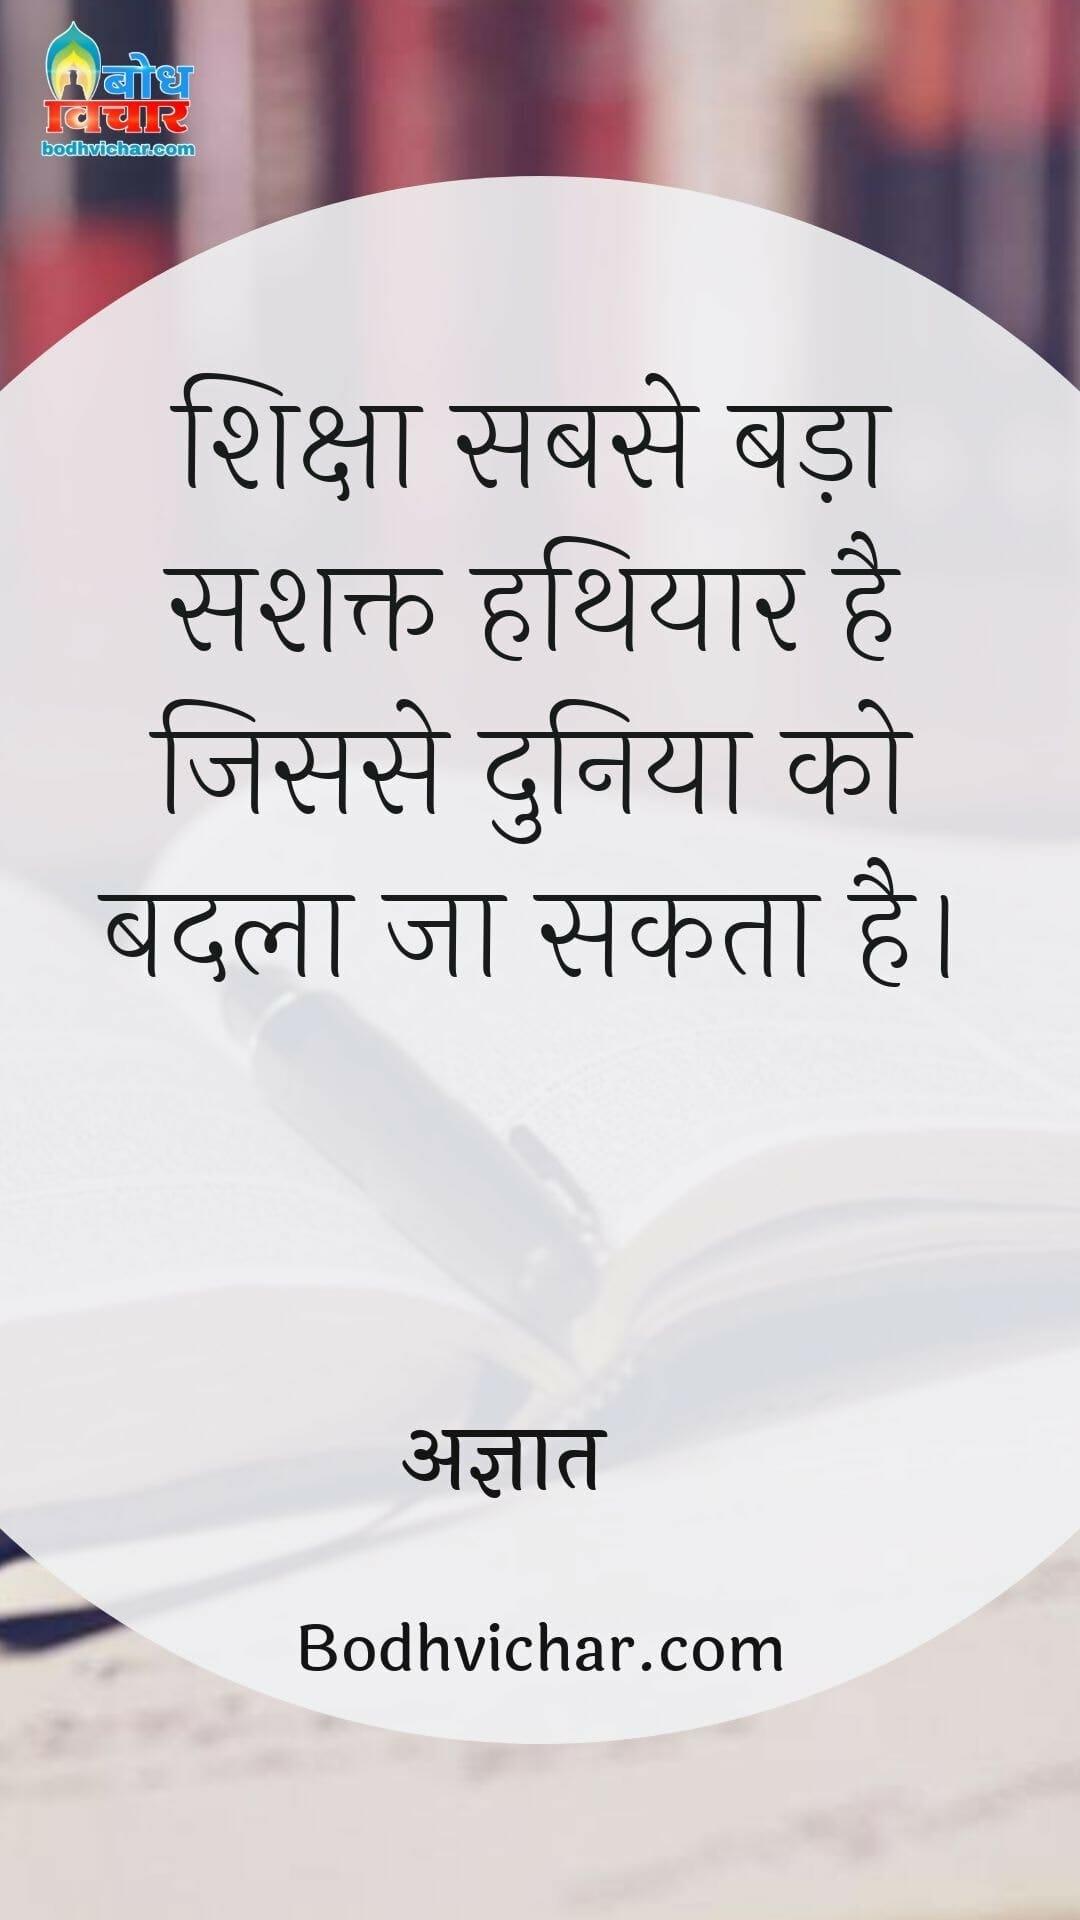 शिक्षा सबसे बड़ा सशक्त हथियार है जिससे दुनिया को बदला जा सकता है। : Siksha sabse bada hathiyar hai jisse duniya ko badla jaa sakta hai - अज्ञात